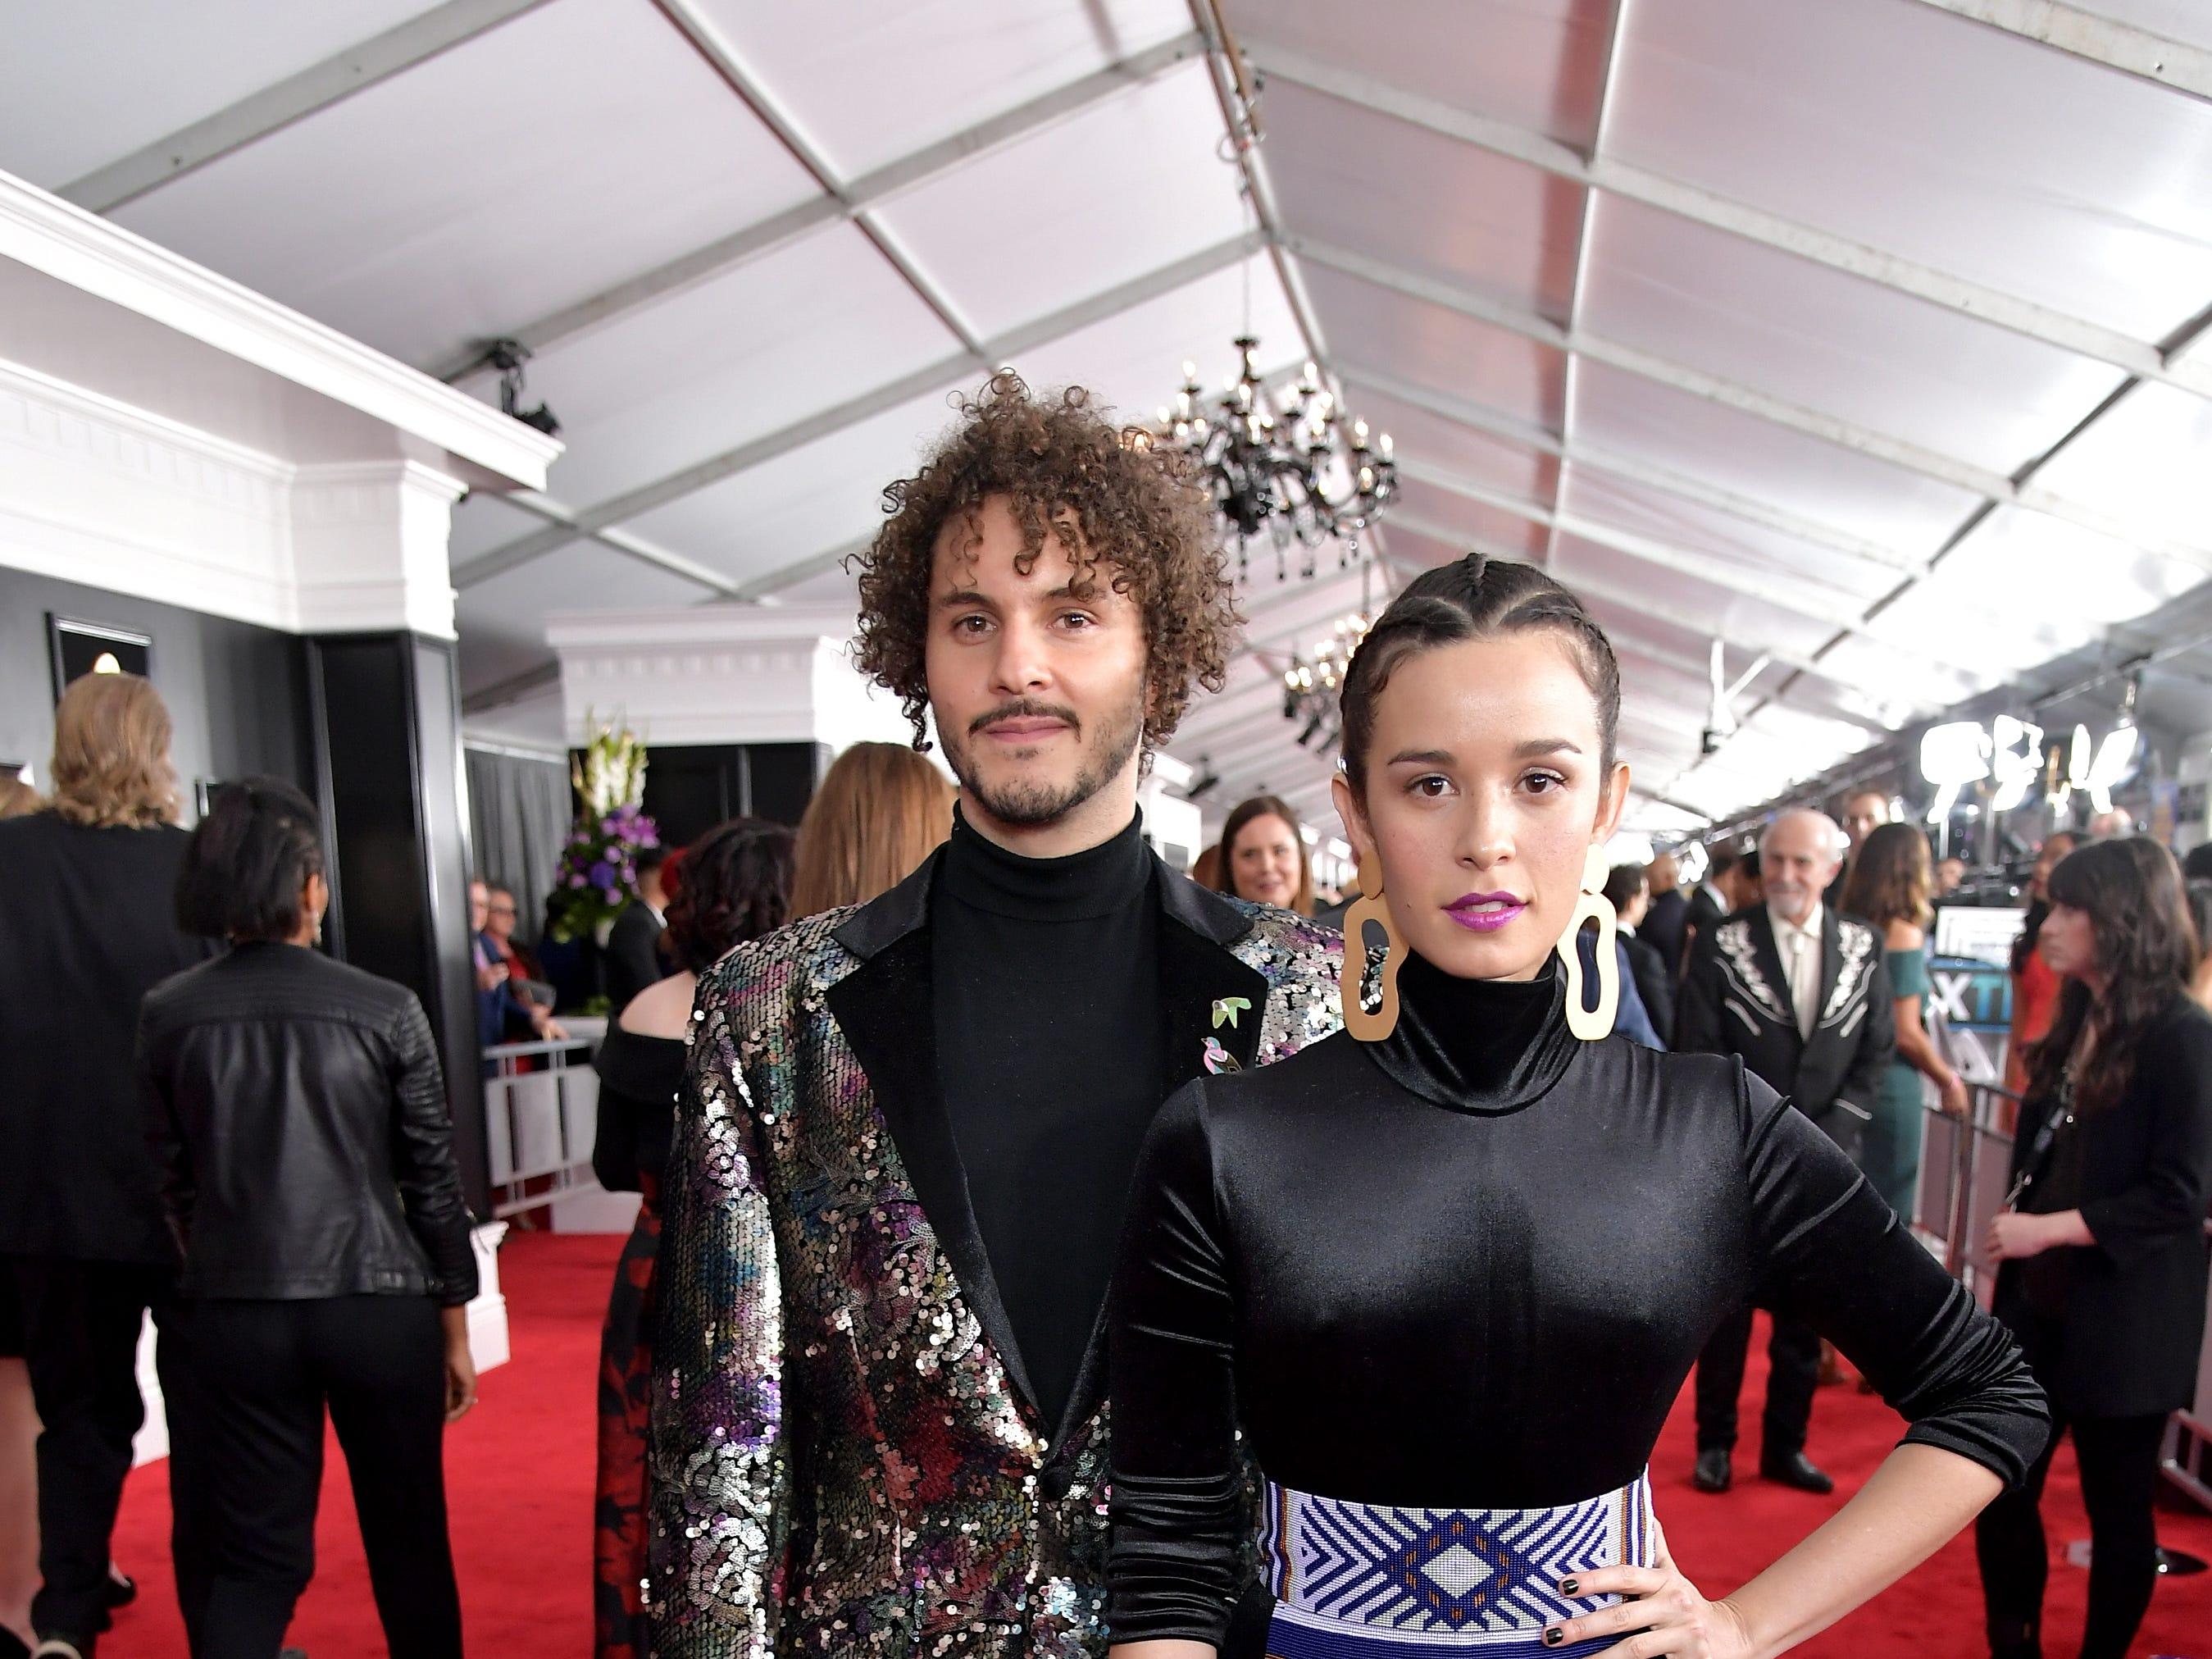 Santiago Prieto (izq) y Catalina García de Monsieur Periná asisten a la 61ª edición de los premios GRAMMY en el Staples Center el 10 de febrero de 2019 en Los Ángeles, California.